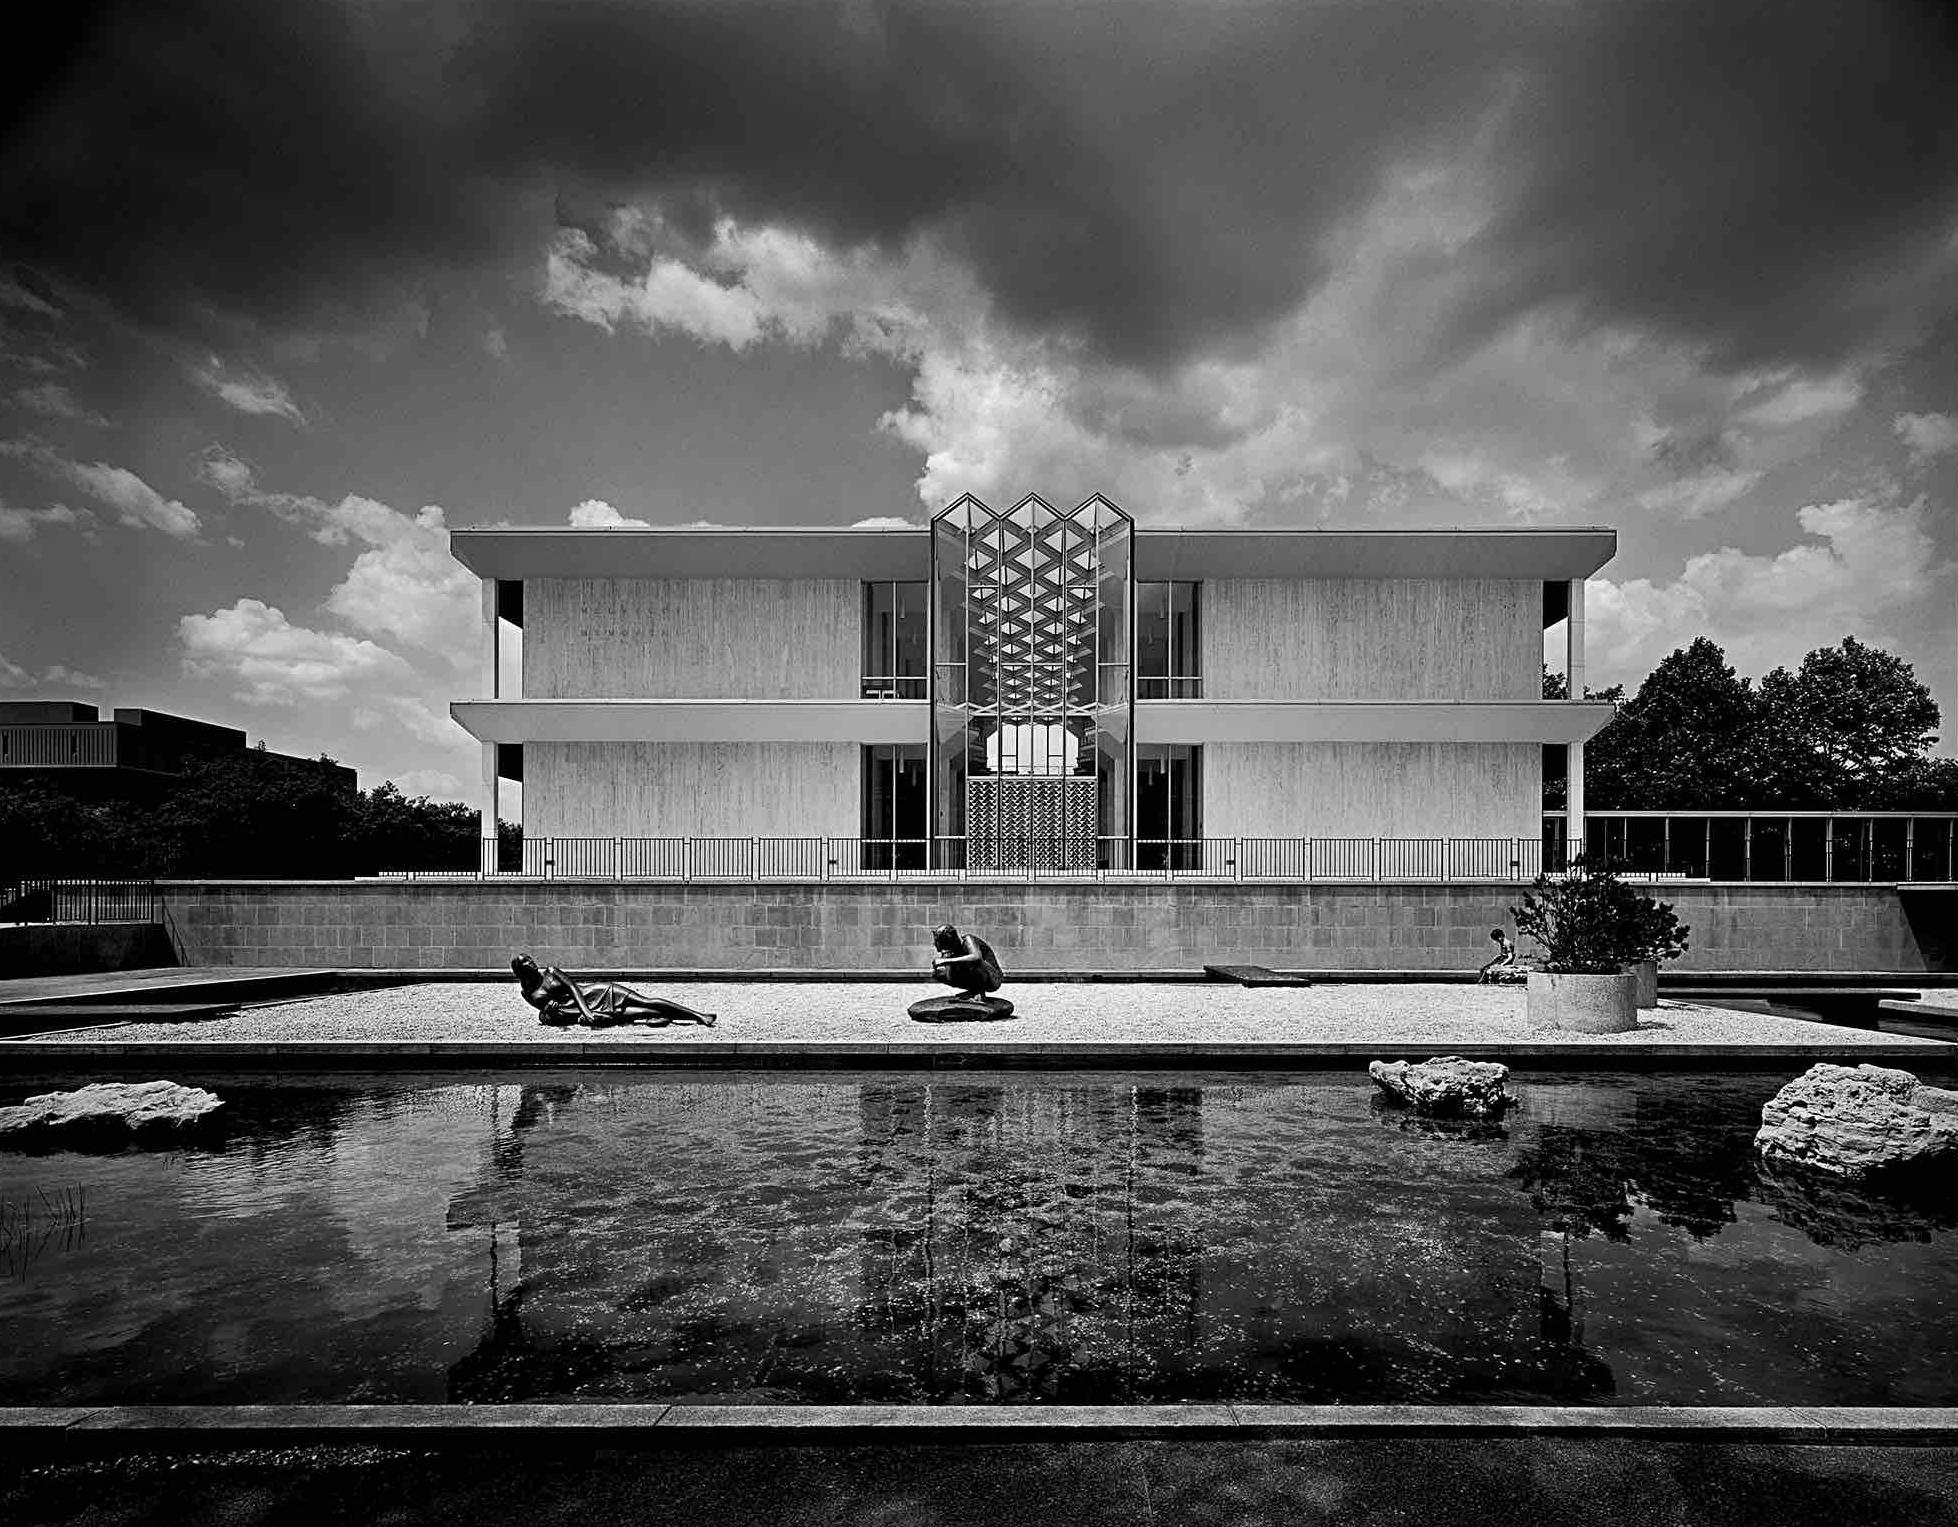 Minoru Yamasaki, McGregor Memorial Conference Center at Wayne state University (Detroit, MI) 1958